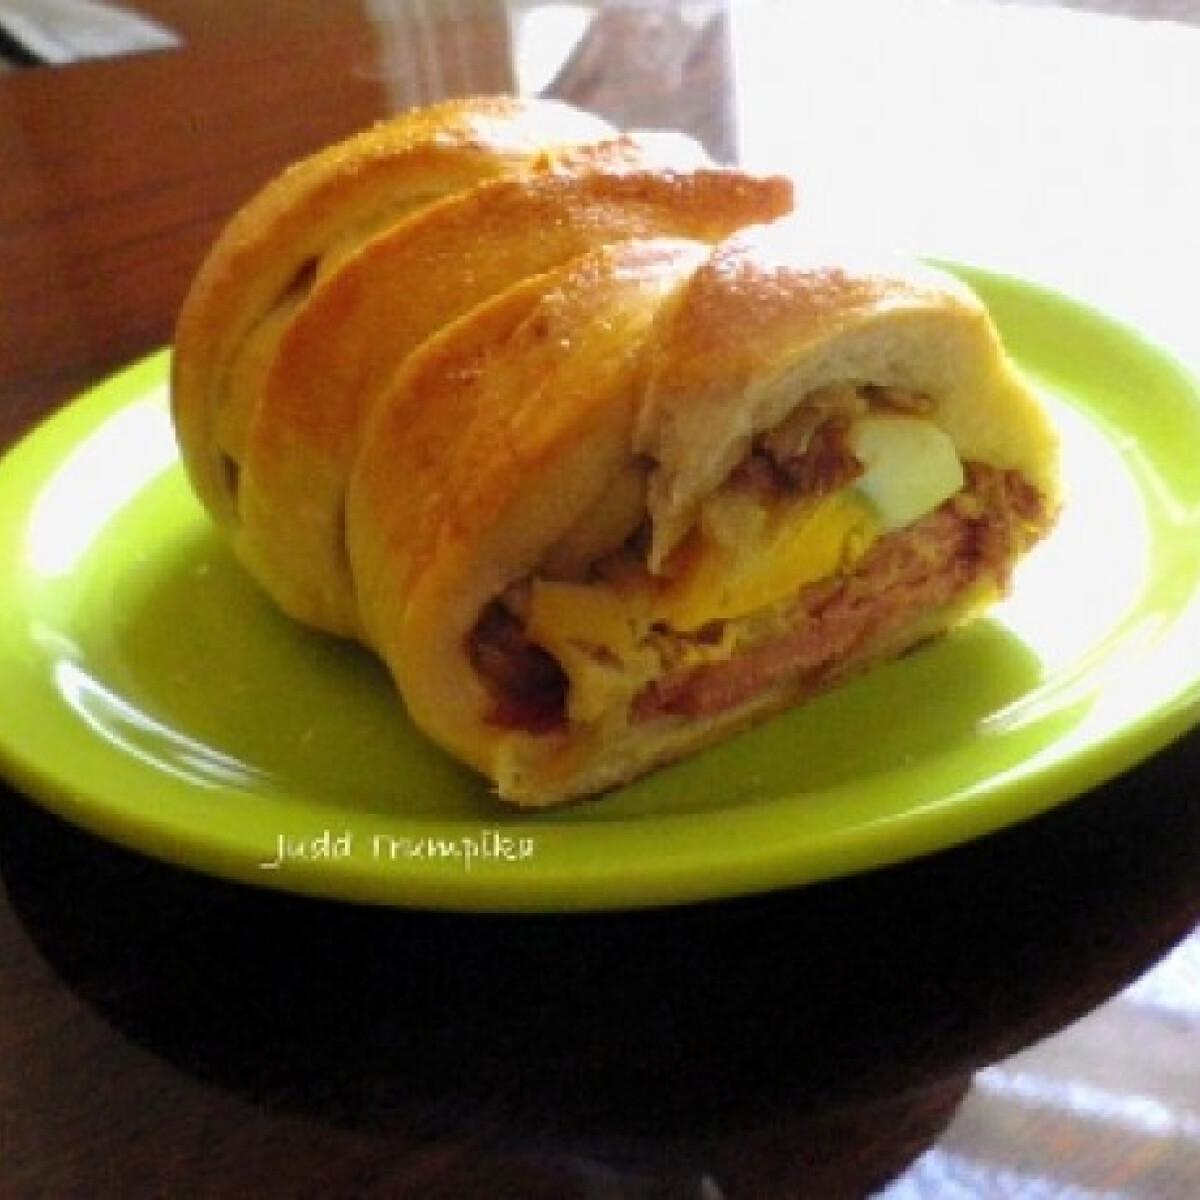 Ezen a képen: Töltött kenyér Judd Trumpika konyhájából